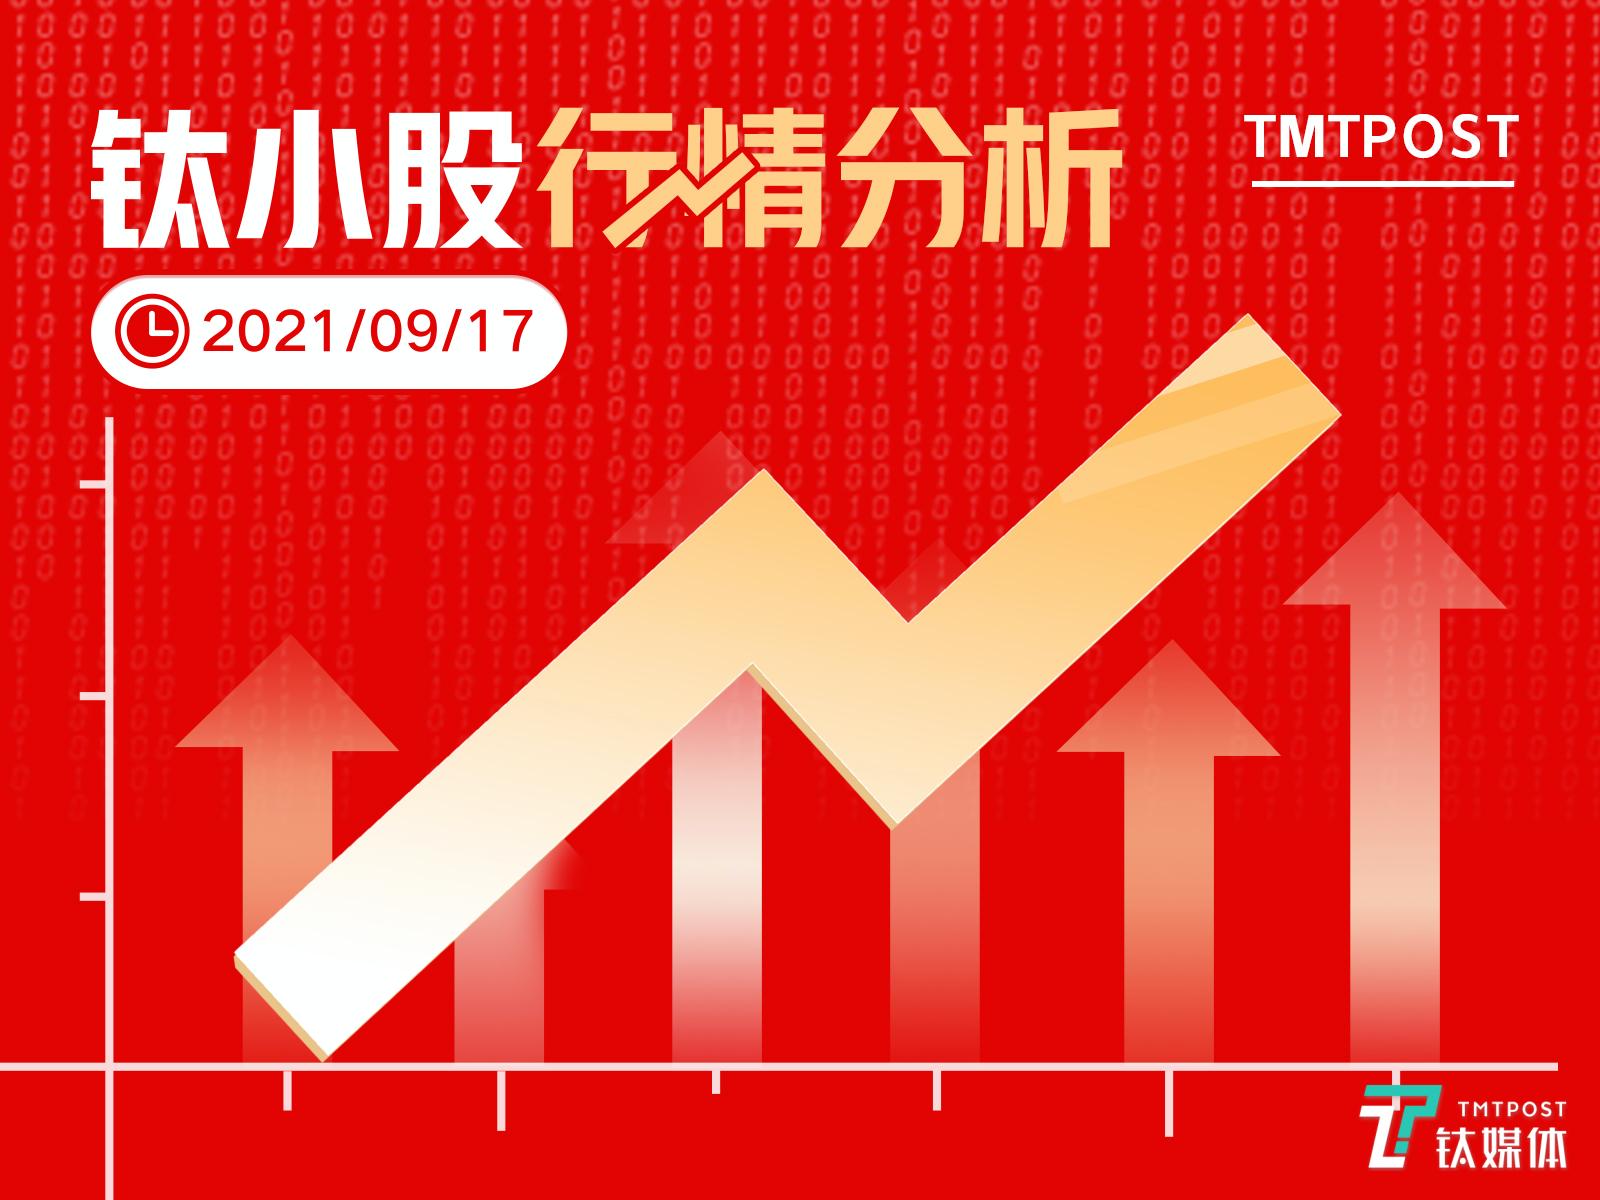 9月17日A股分析:创业板指大涨逾2%,两市成交额连续43天超万亿